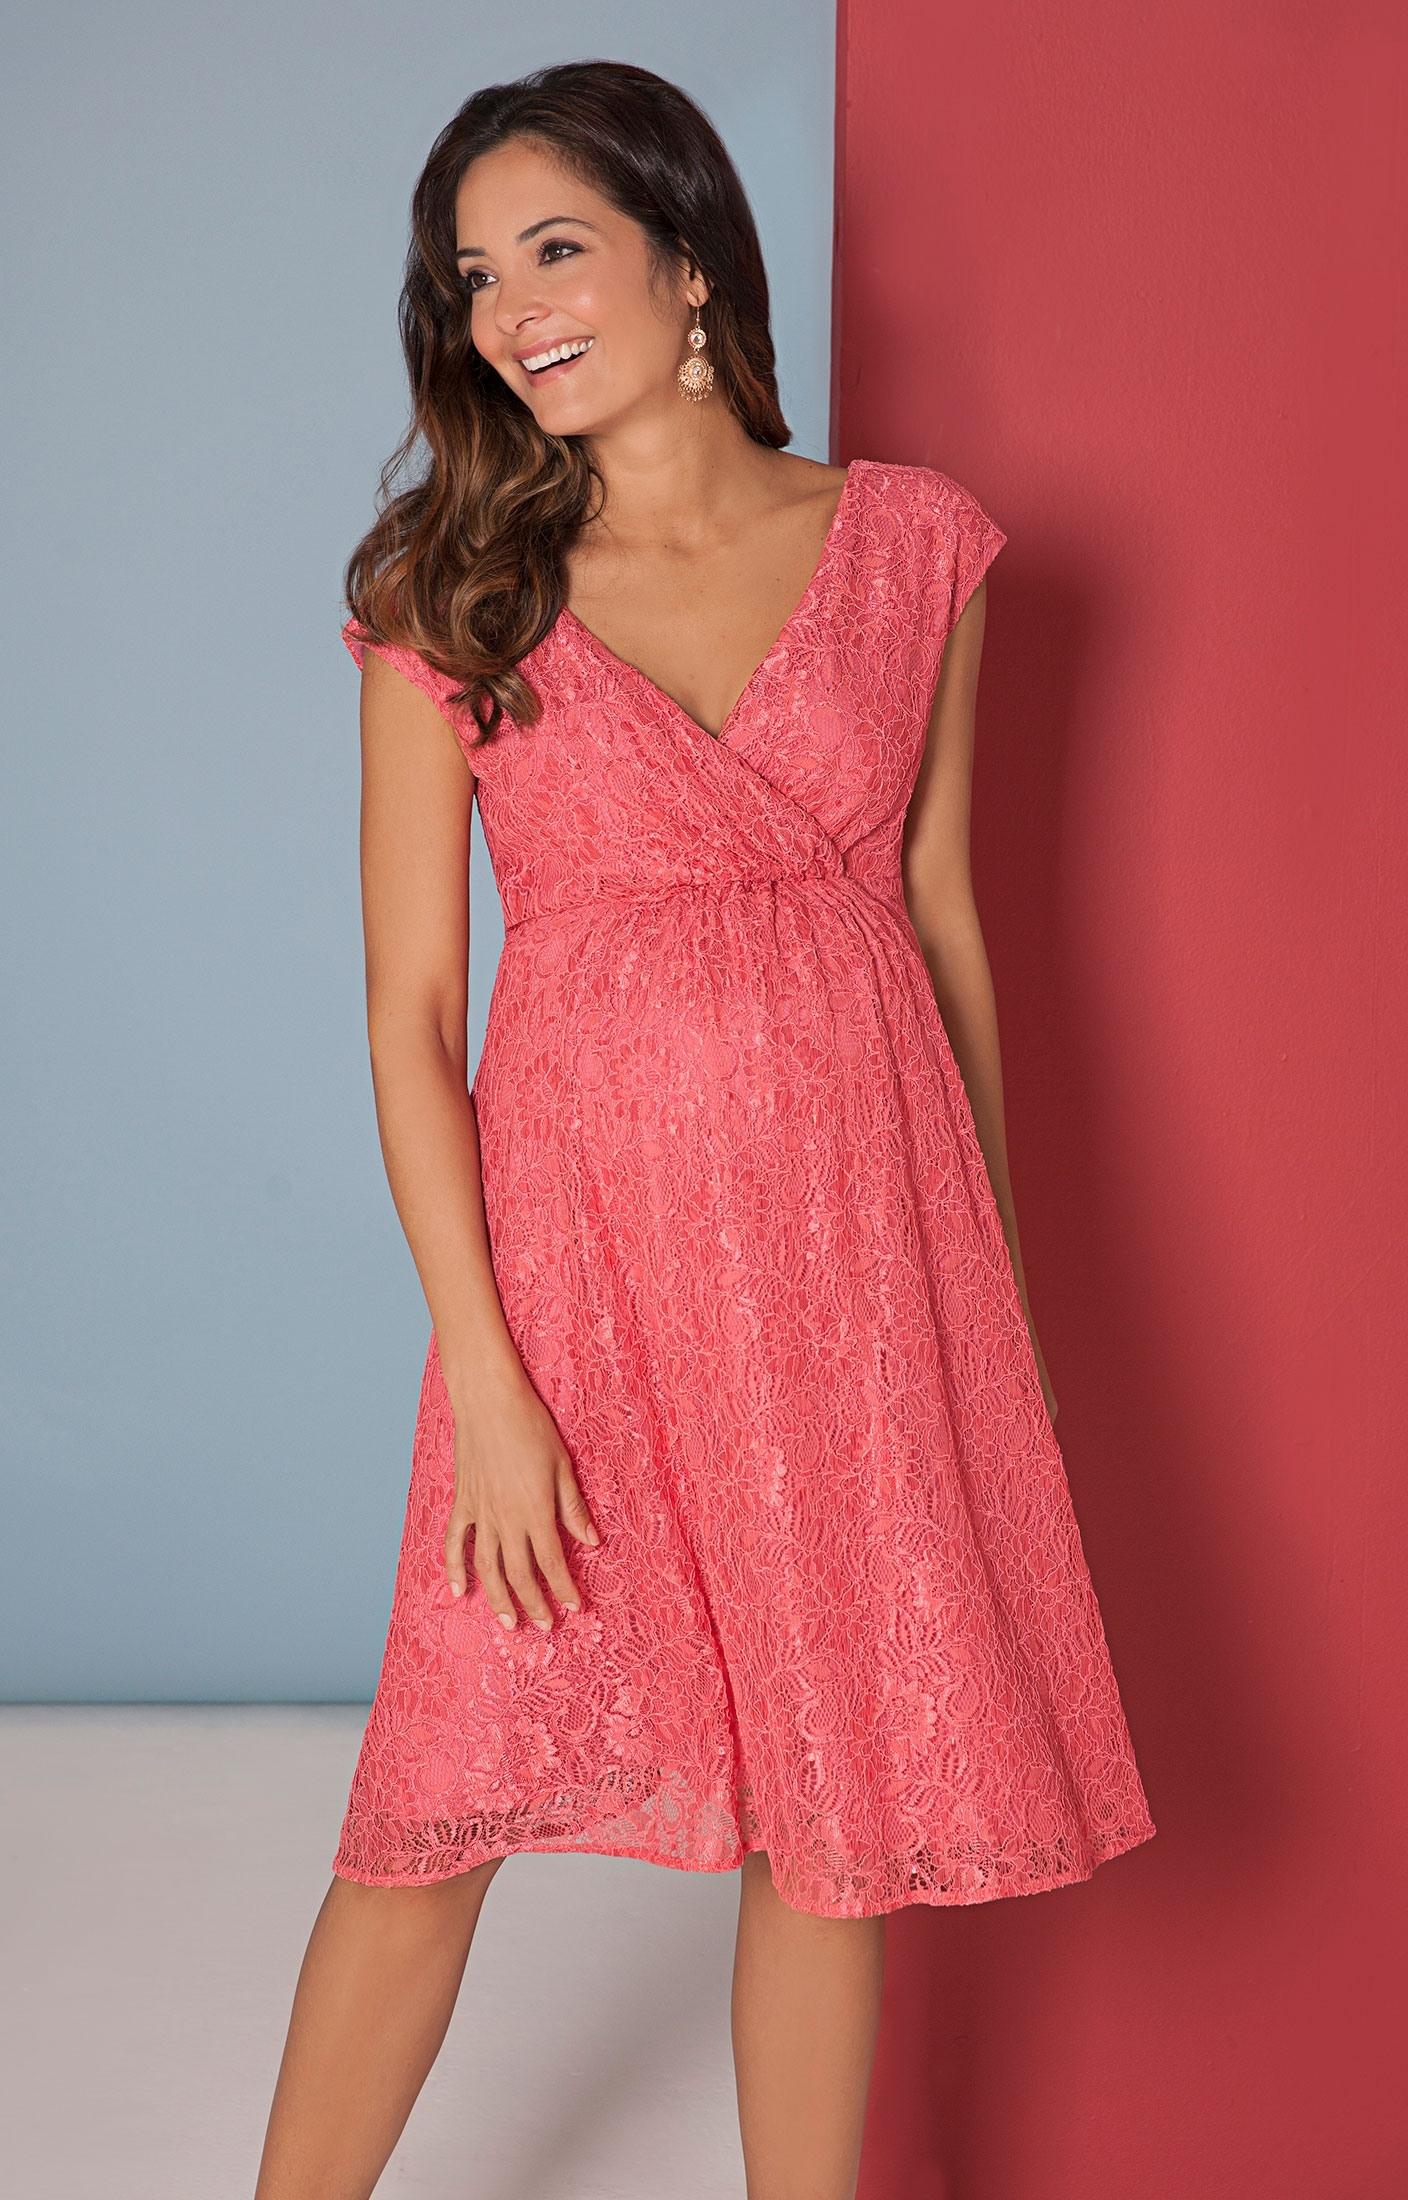 10 Einzigartig Kleid Koralle SpezialgebietFormal Schön Kleid Koralle Boutique